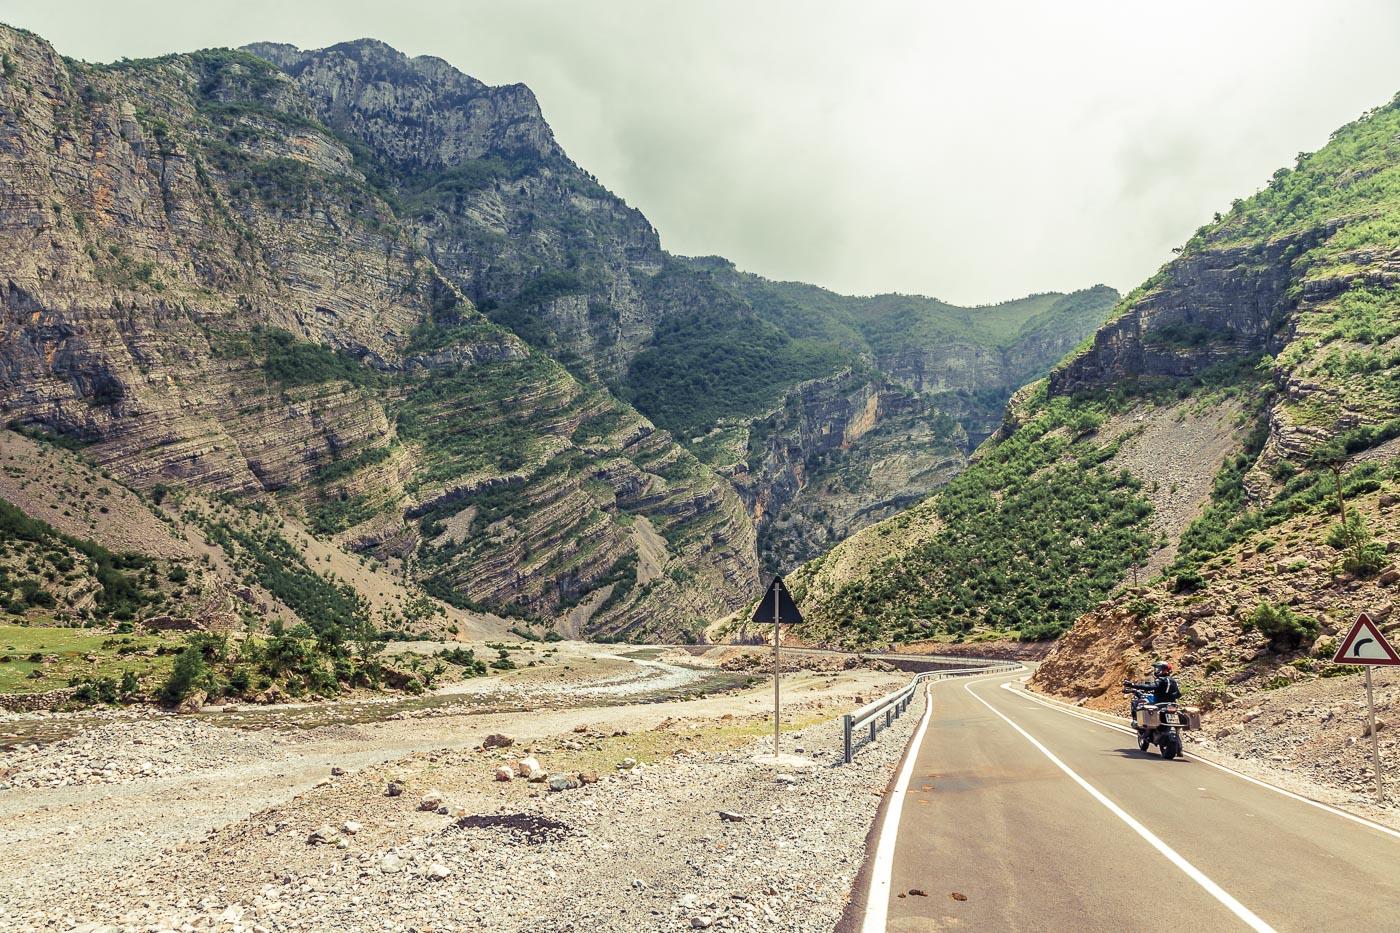 Reise_Balkan-8739.jpg